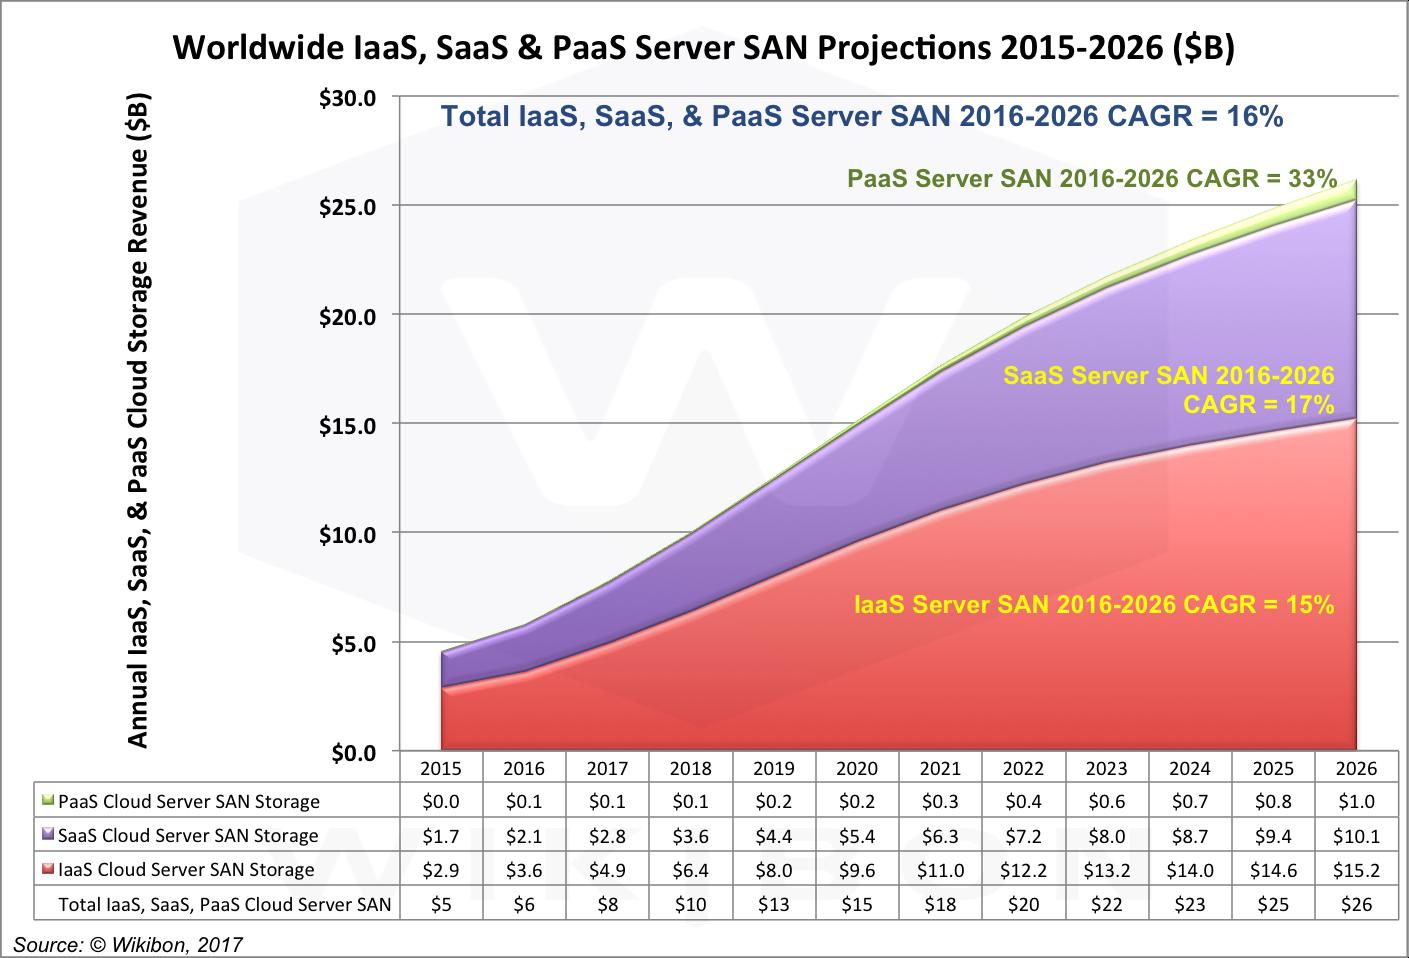 IaaS, SaaS, & PaaS Cloud Server SAN Projections